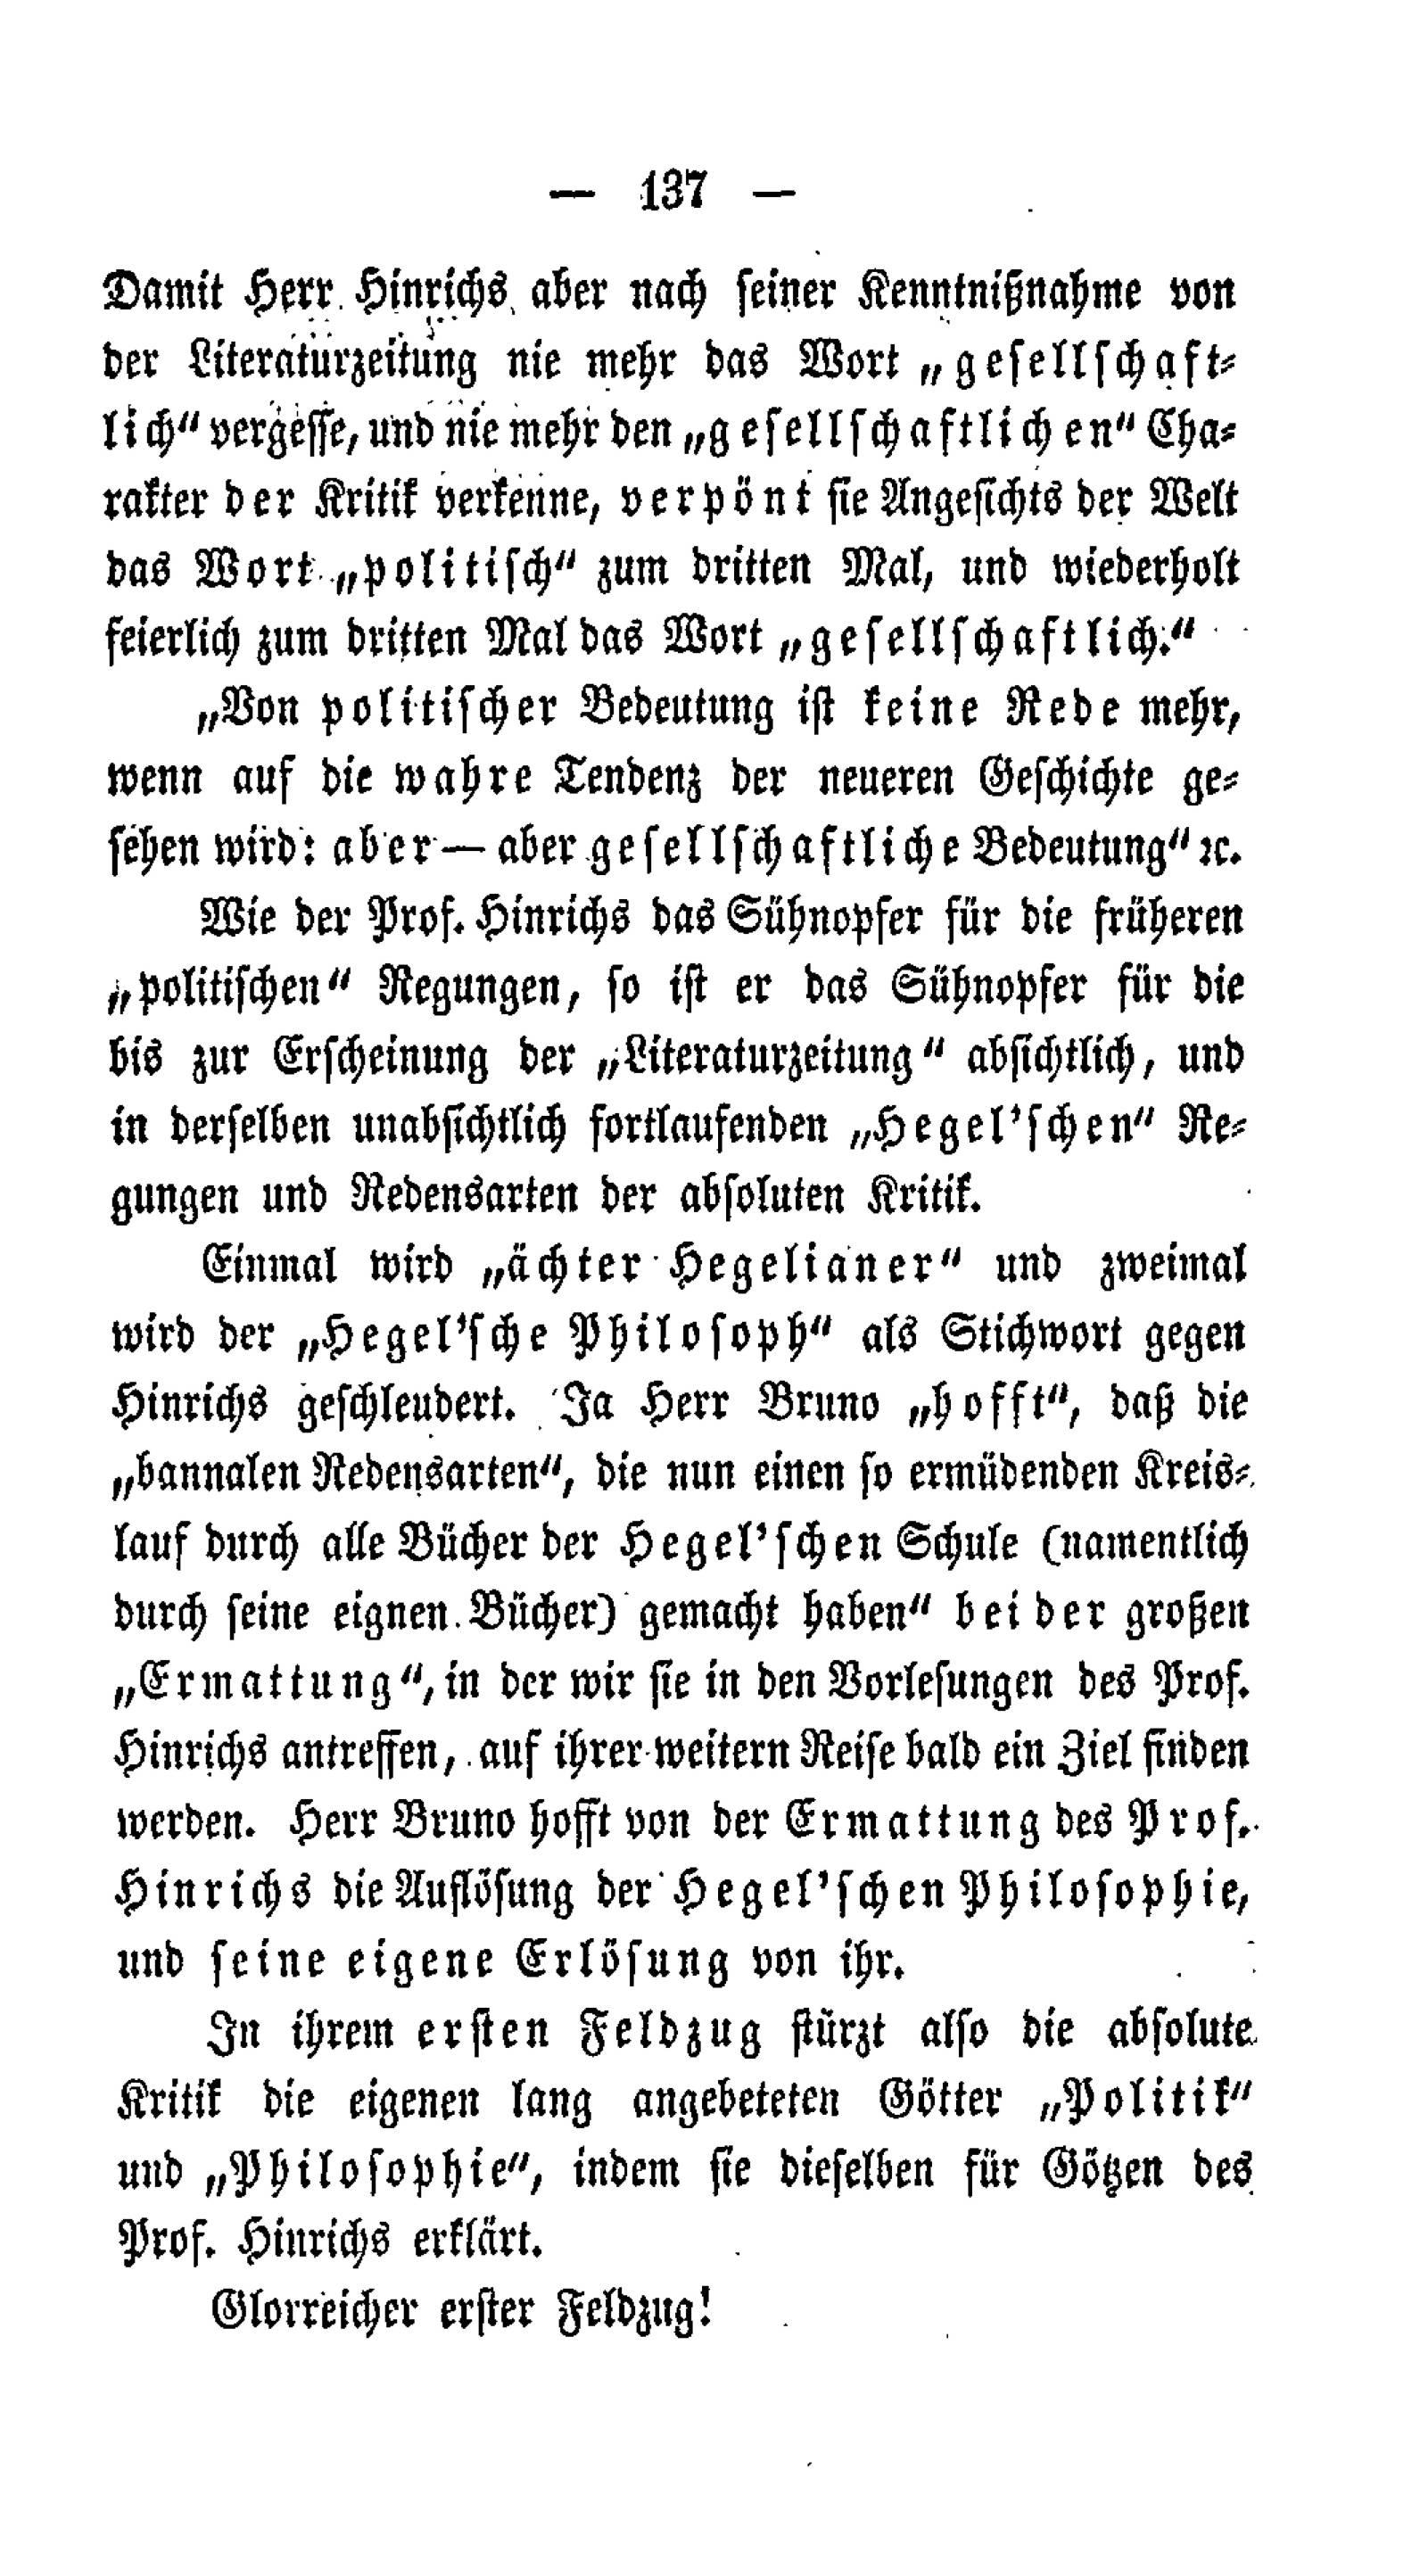 Filekritik Der Kritischen Kritik Engels 137jpg